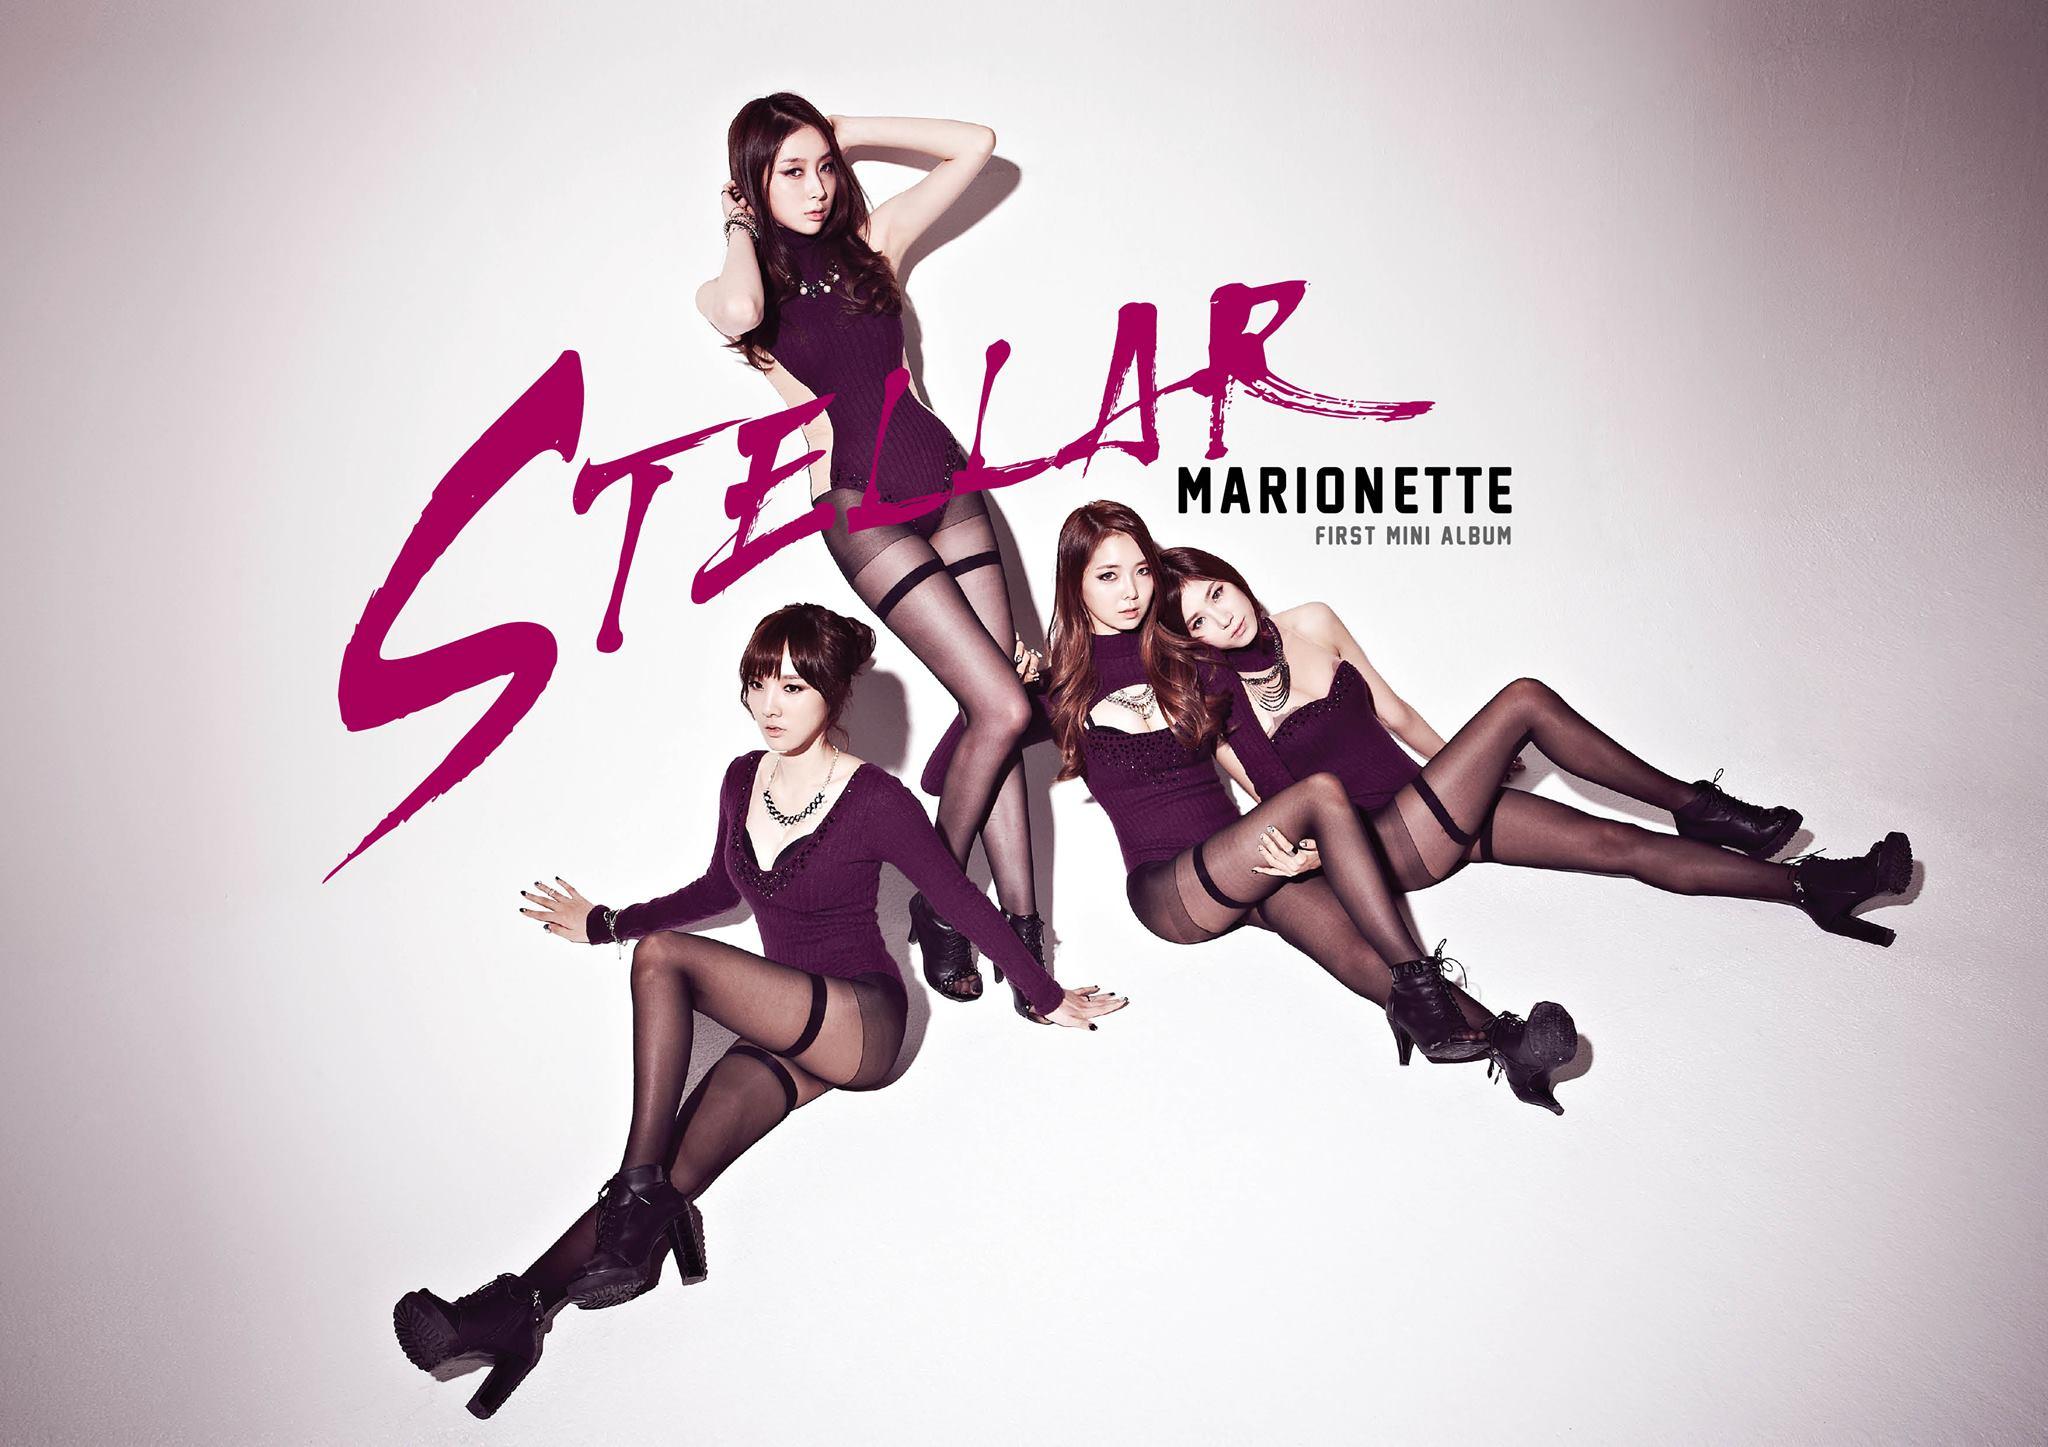 但近年也出現「過於性感」的女偶像… 女團Stella在〈Marionette〉時期,因為過於誇張的服裝,遭網友質疑「是拍色情片嗎?」,接連幾張專輯的風格,依舊讓眾人大吃驚…